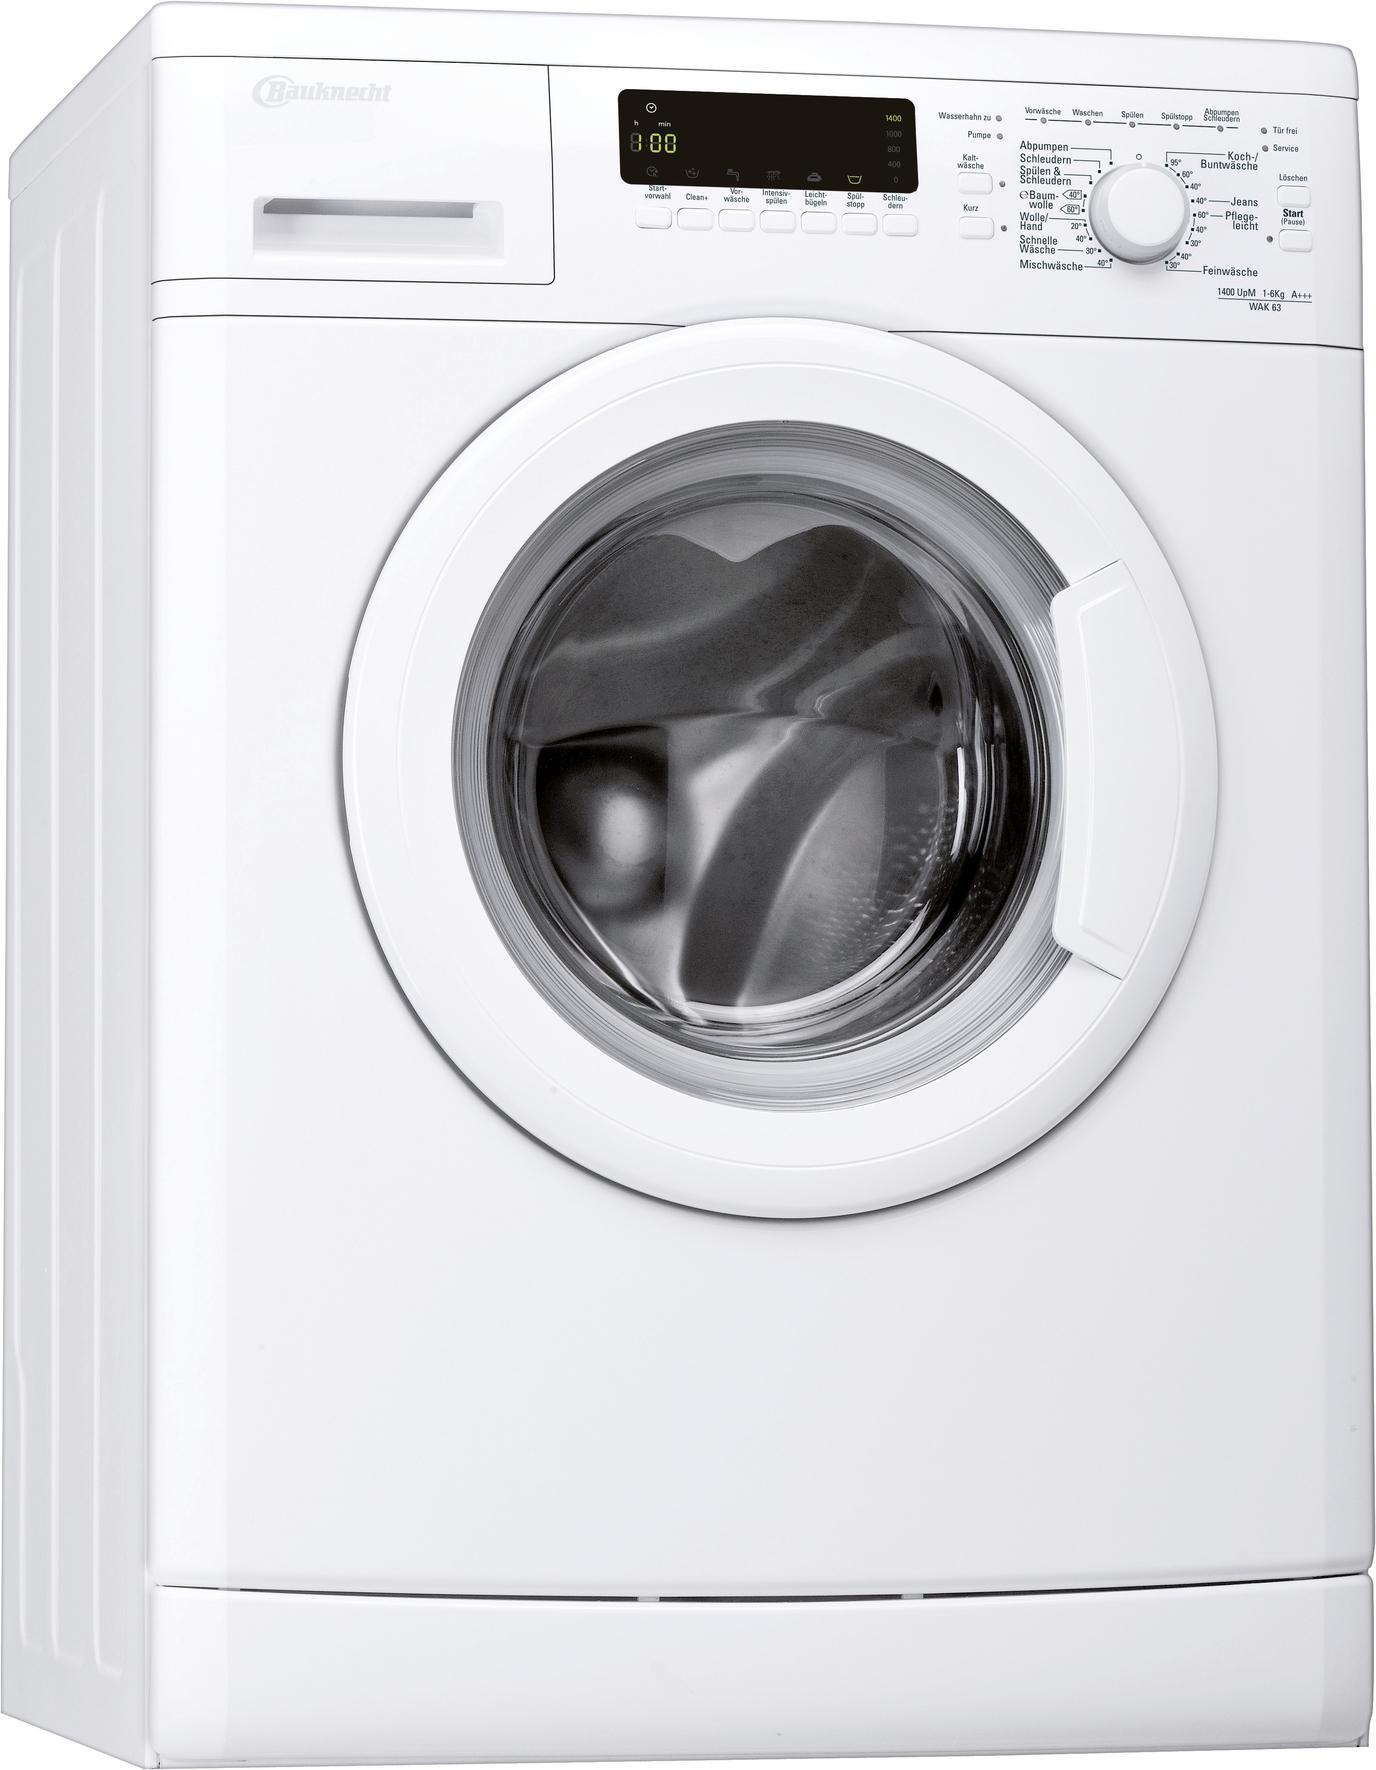 bauknecht wak 63 waschmaschine fl a 147 kwh jahr. Black Bedroom Furniture Sets. Home Design Ideas